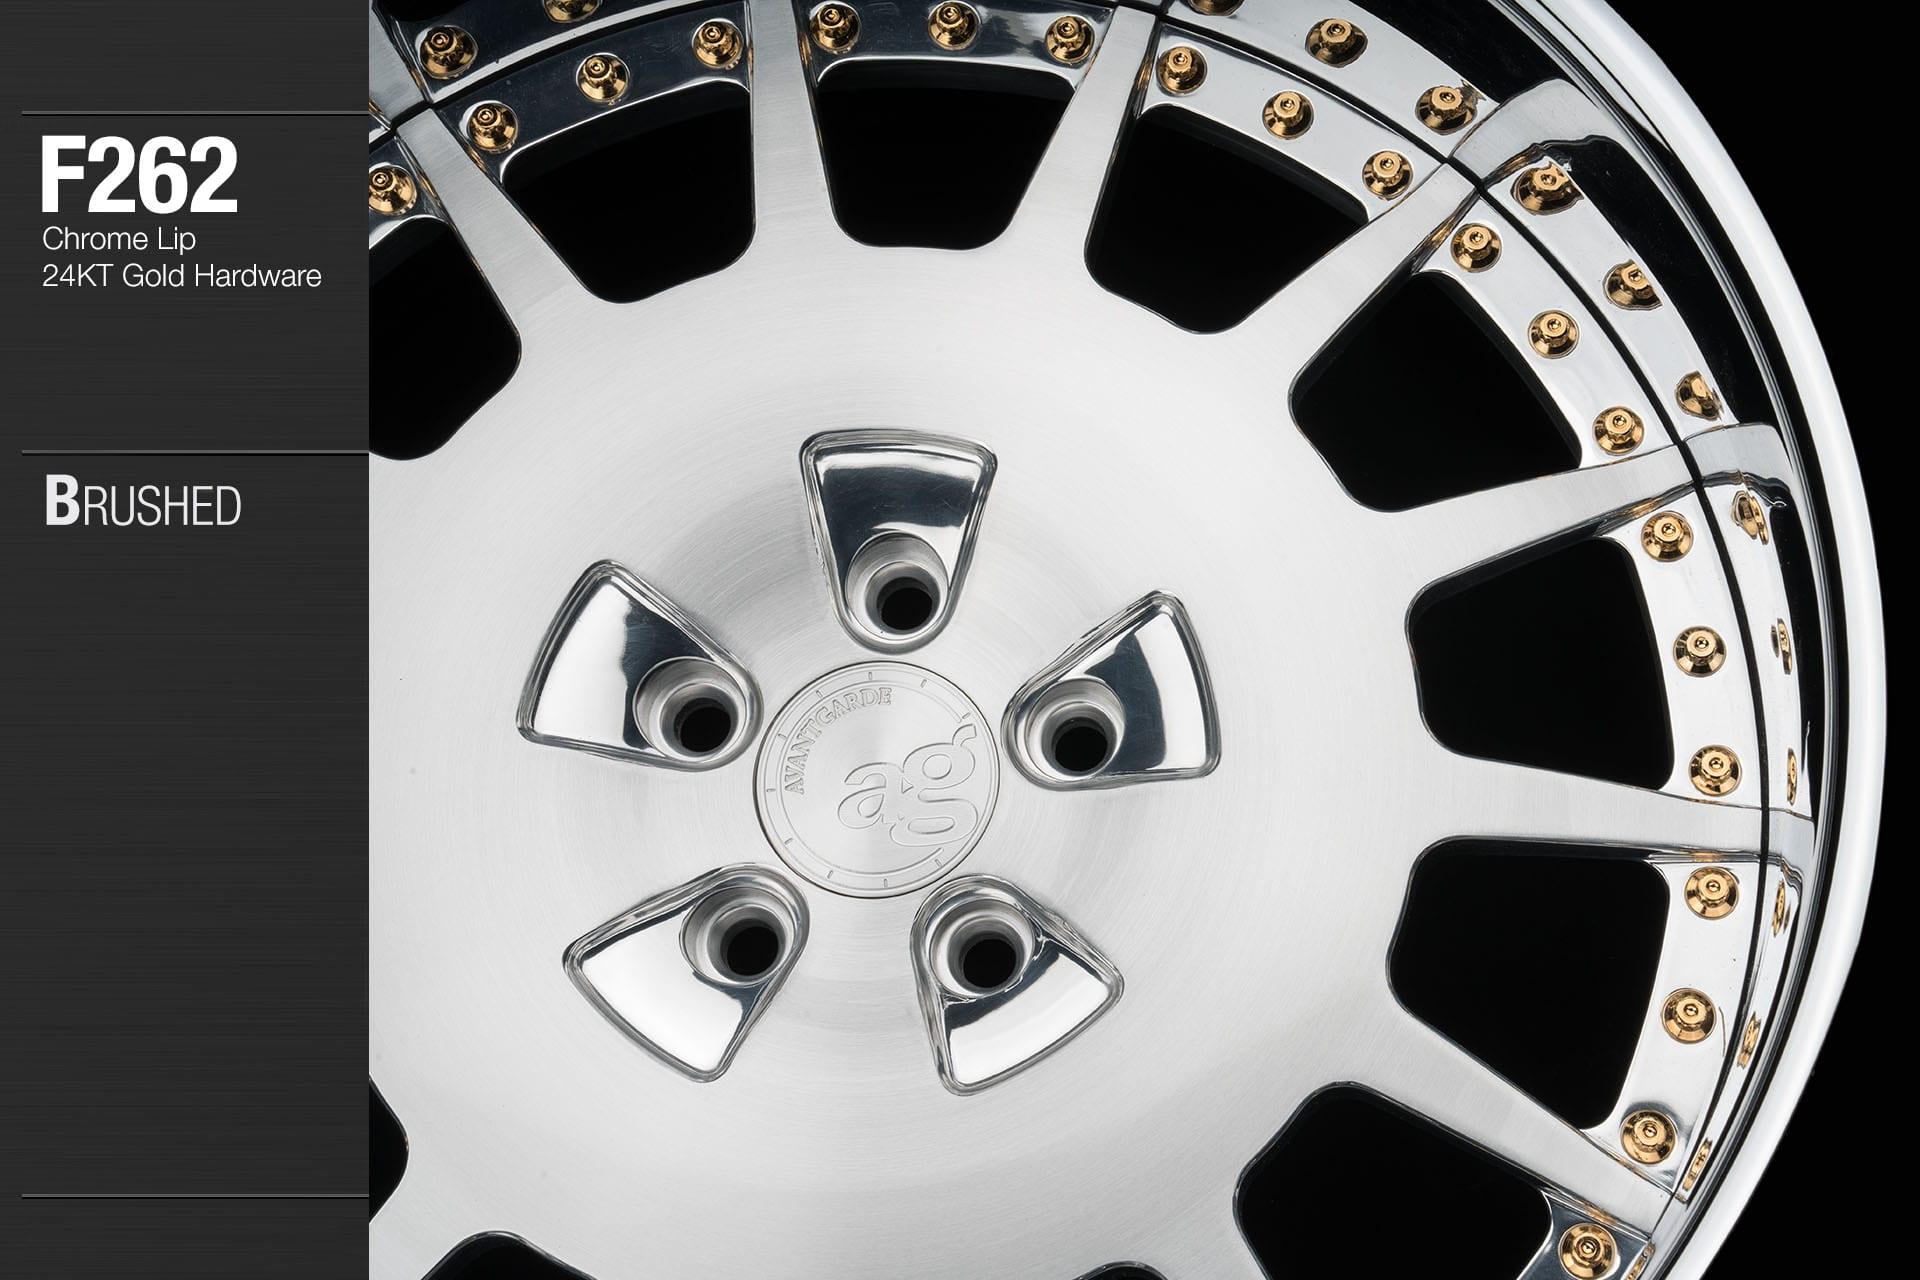 avant garde f262 brushed center chrome lip 24kt gold hardware